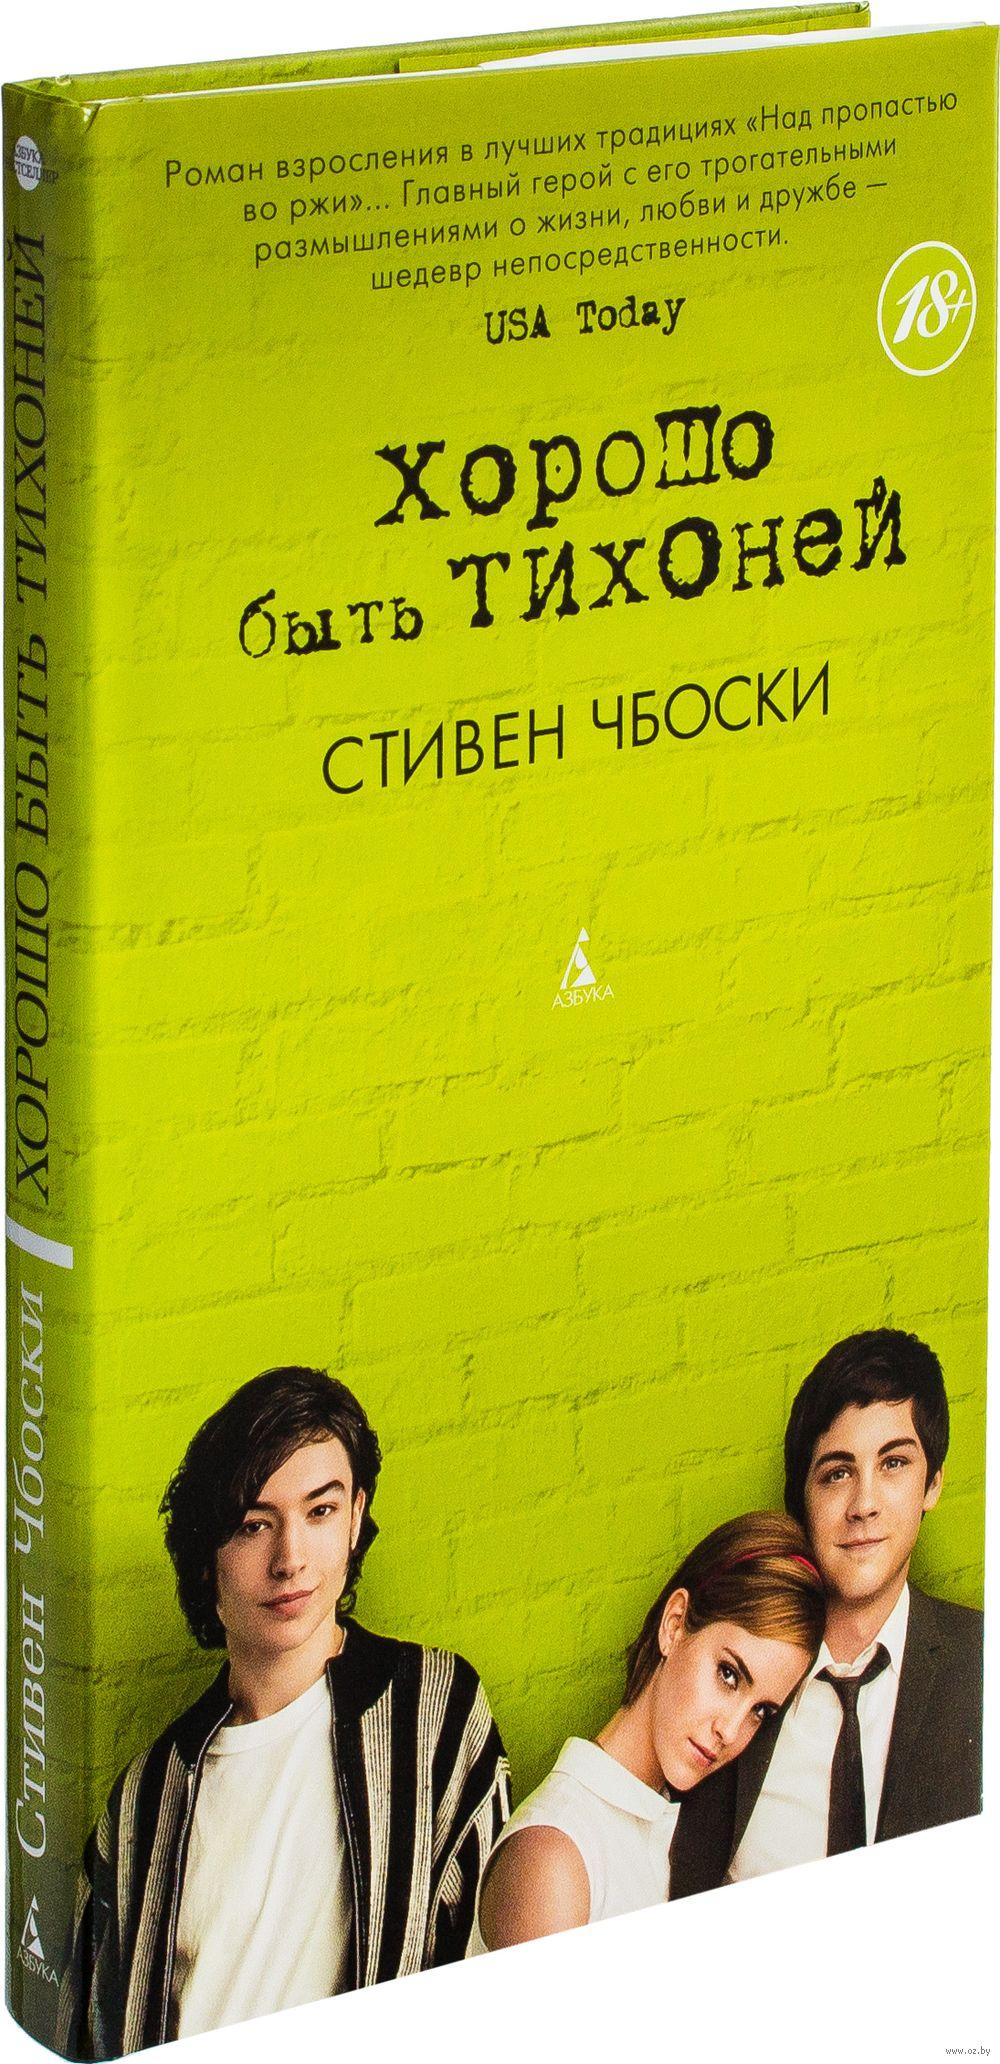 Книги о проблемах поростковой сексуальности